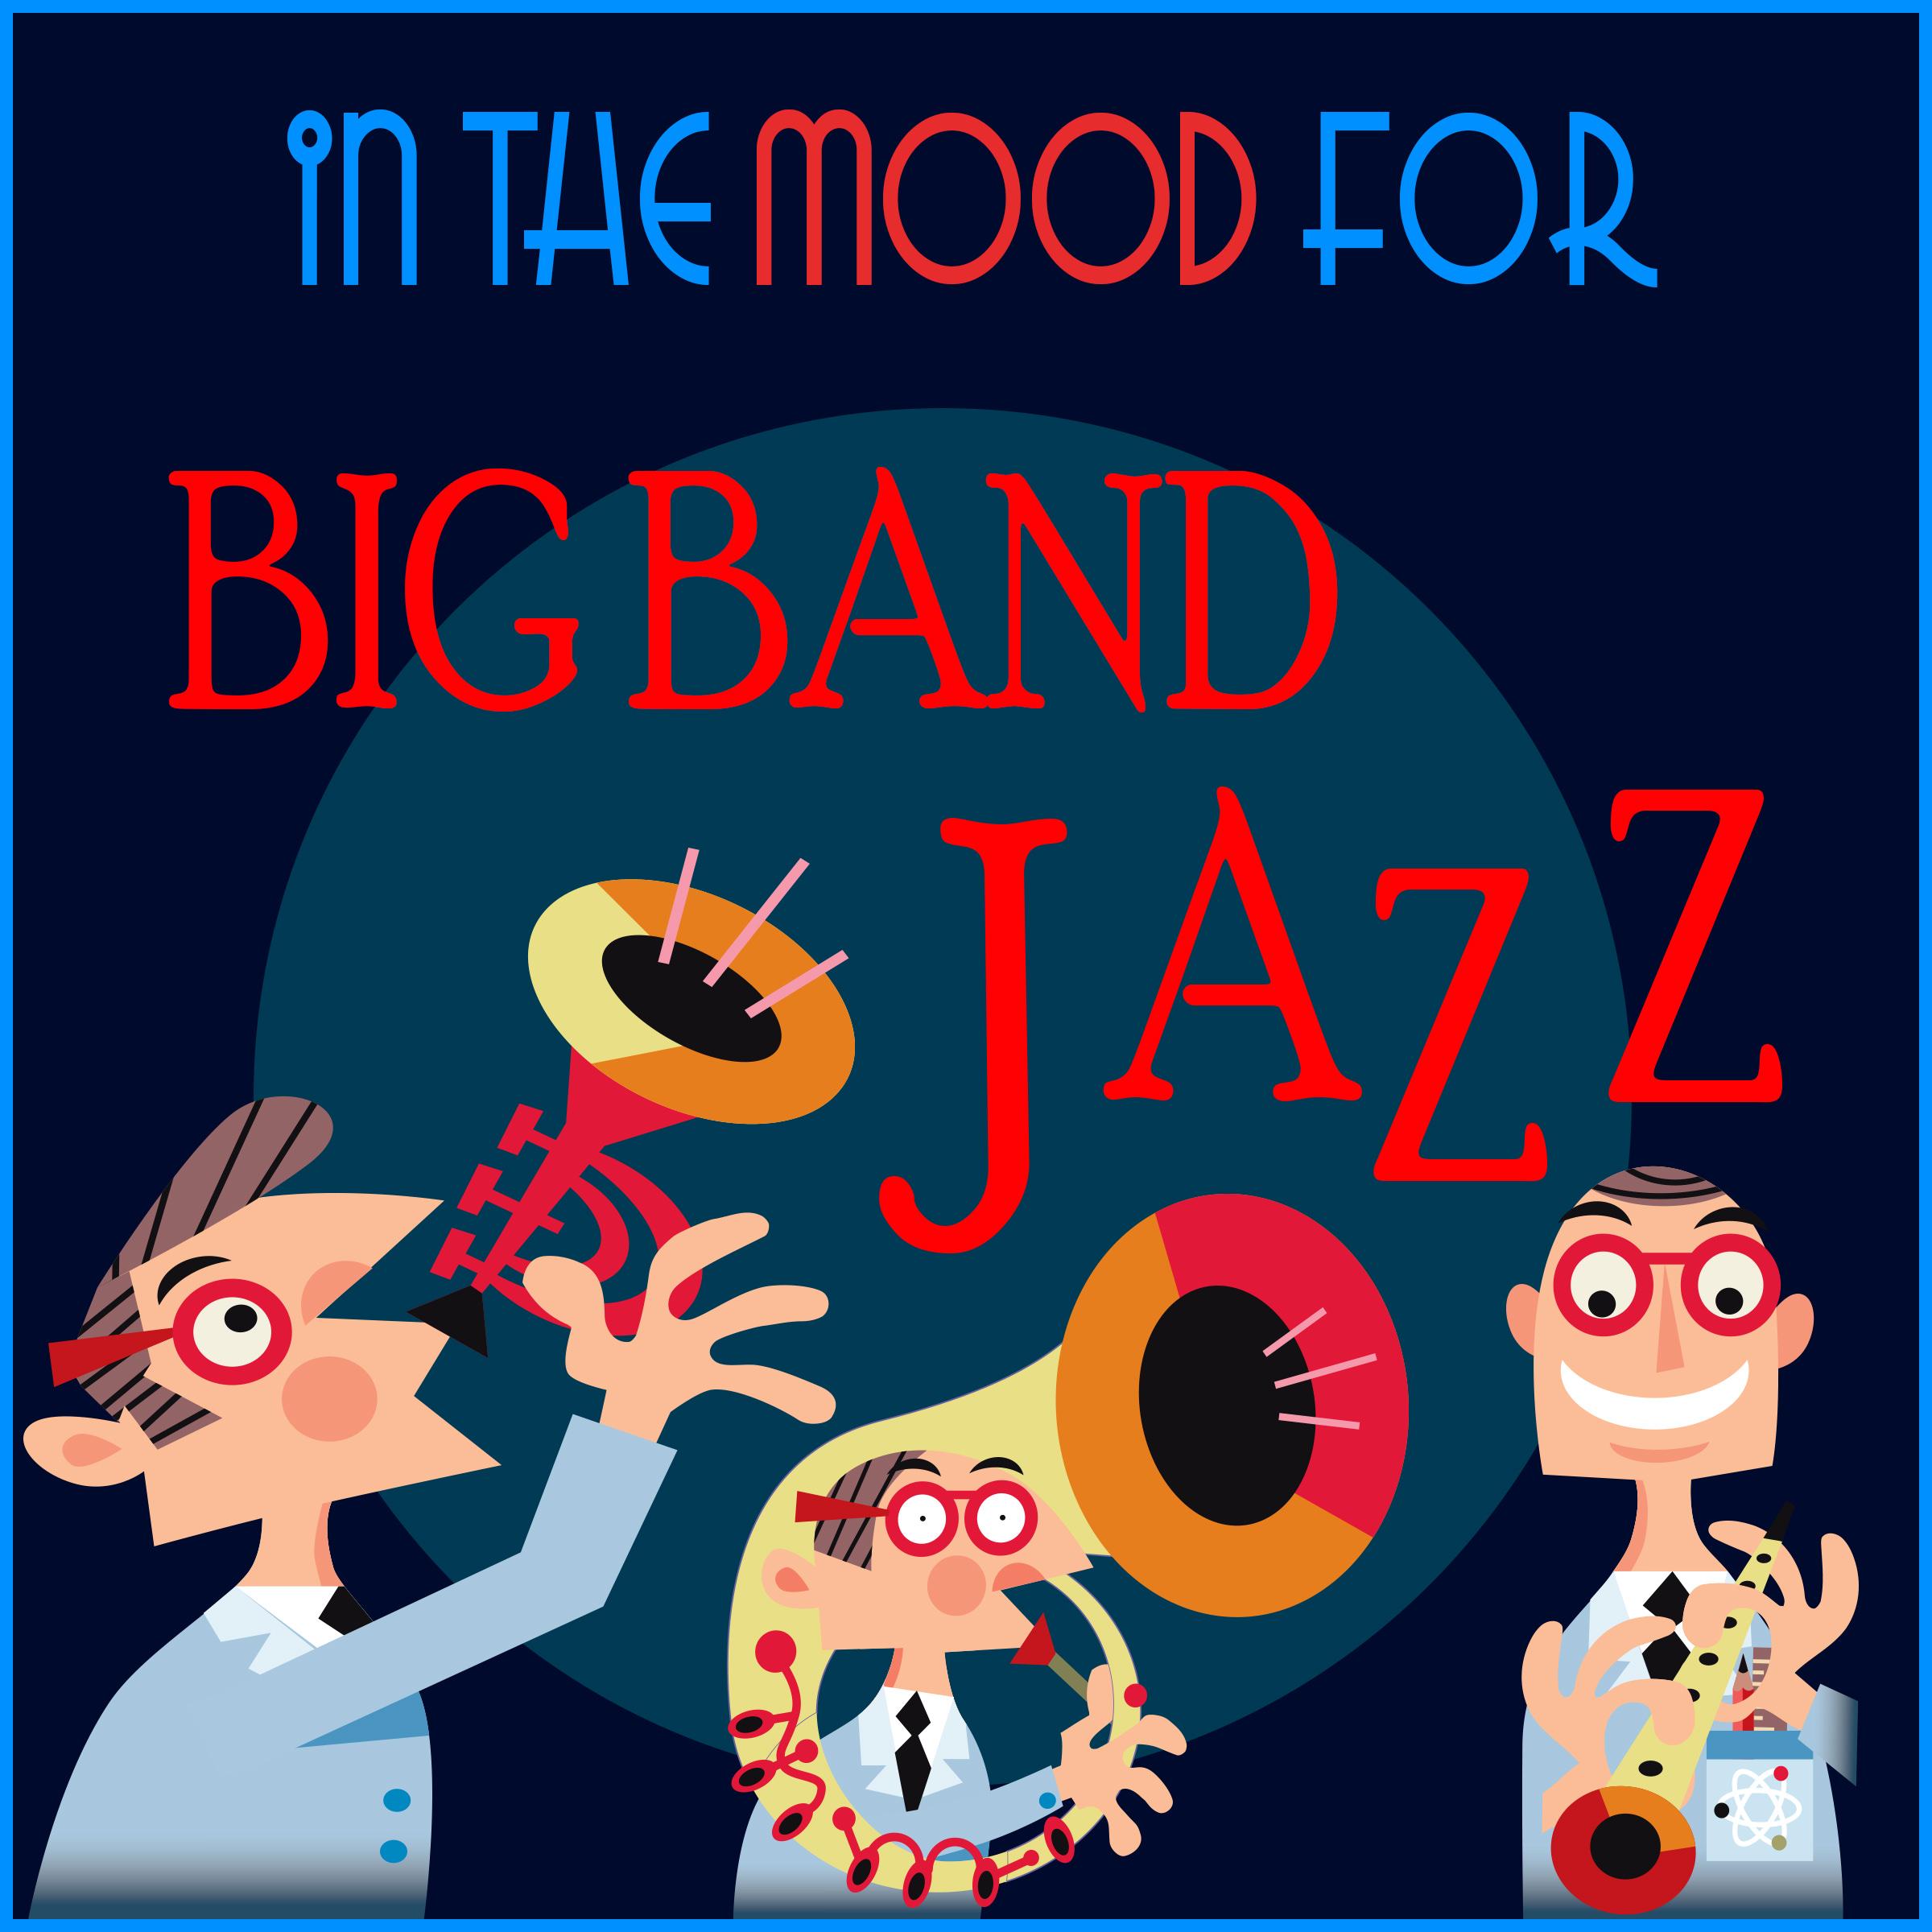 bigband